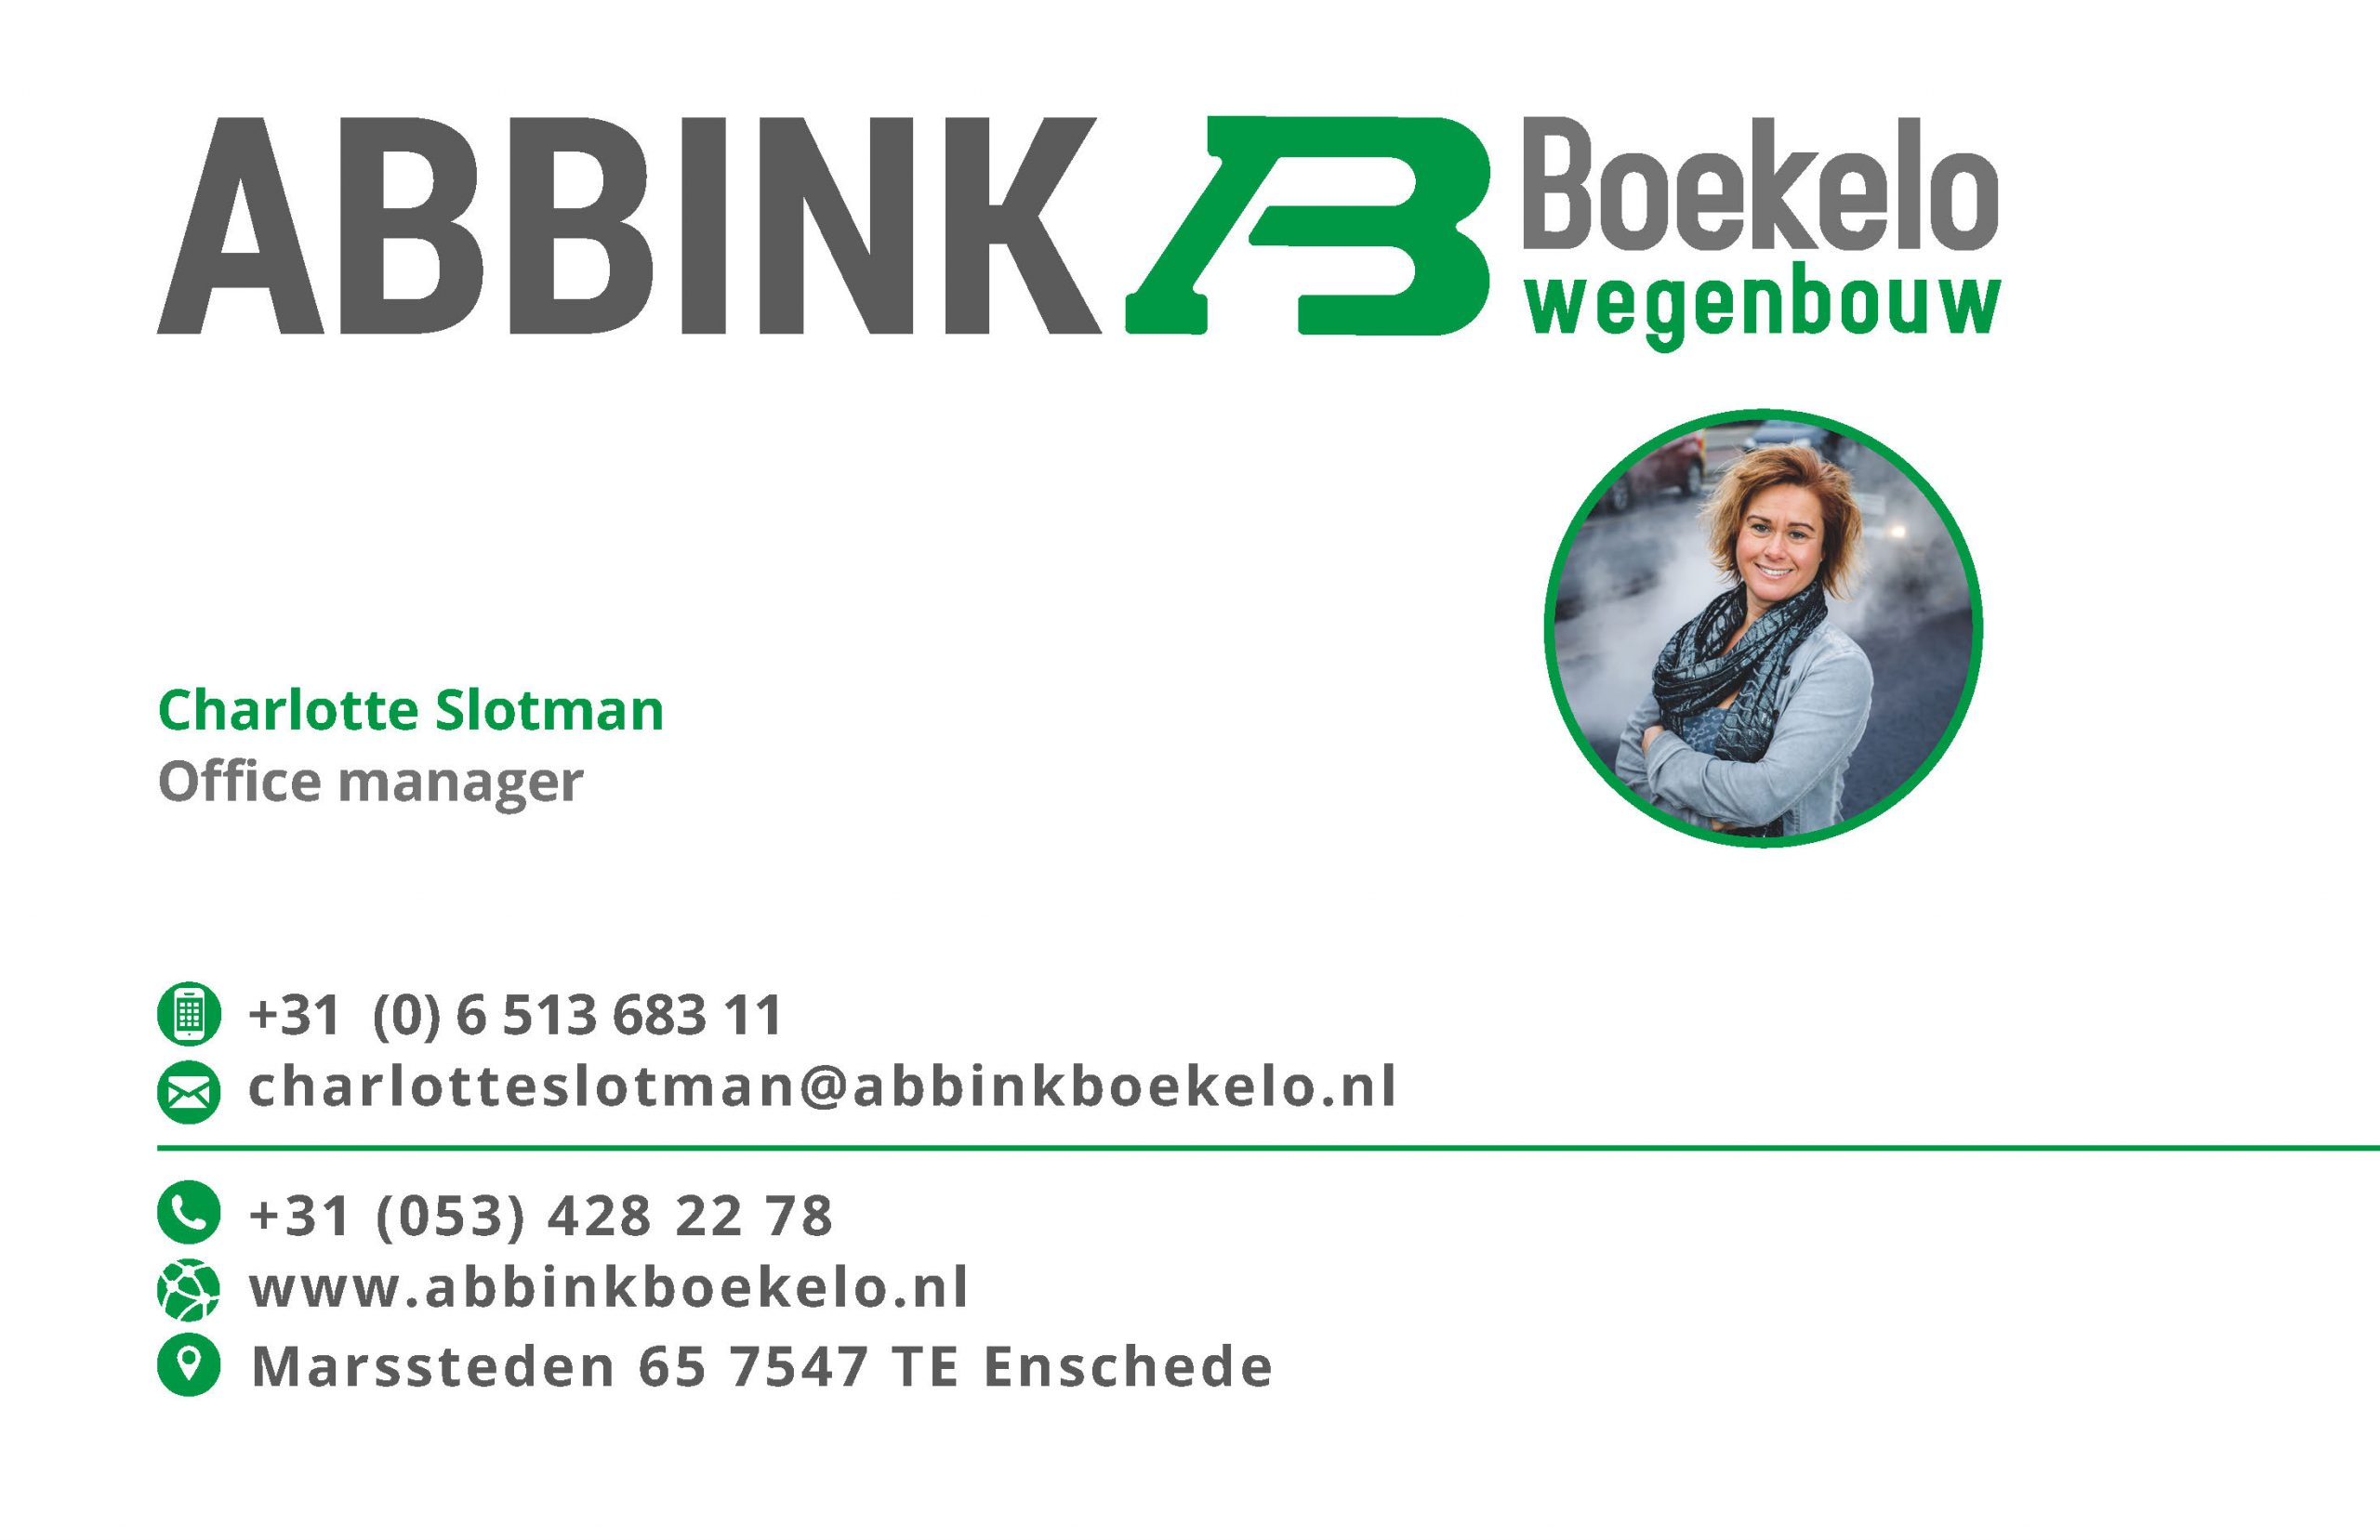 AbbinkBoekelo visitekaart_liggend3